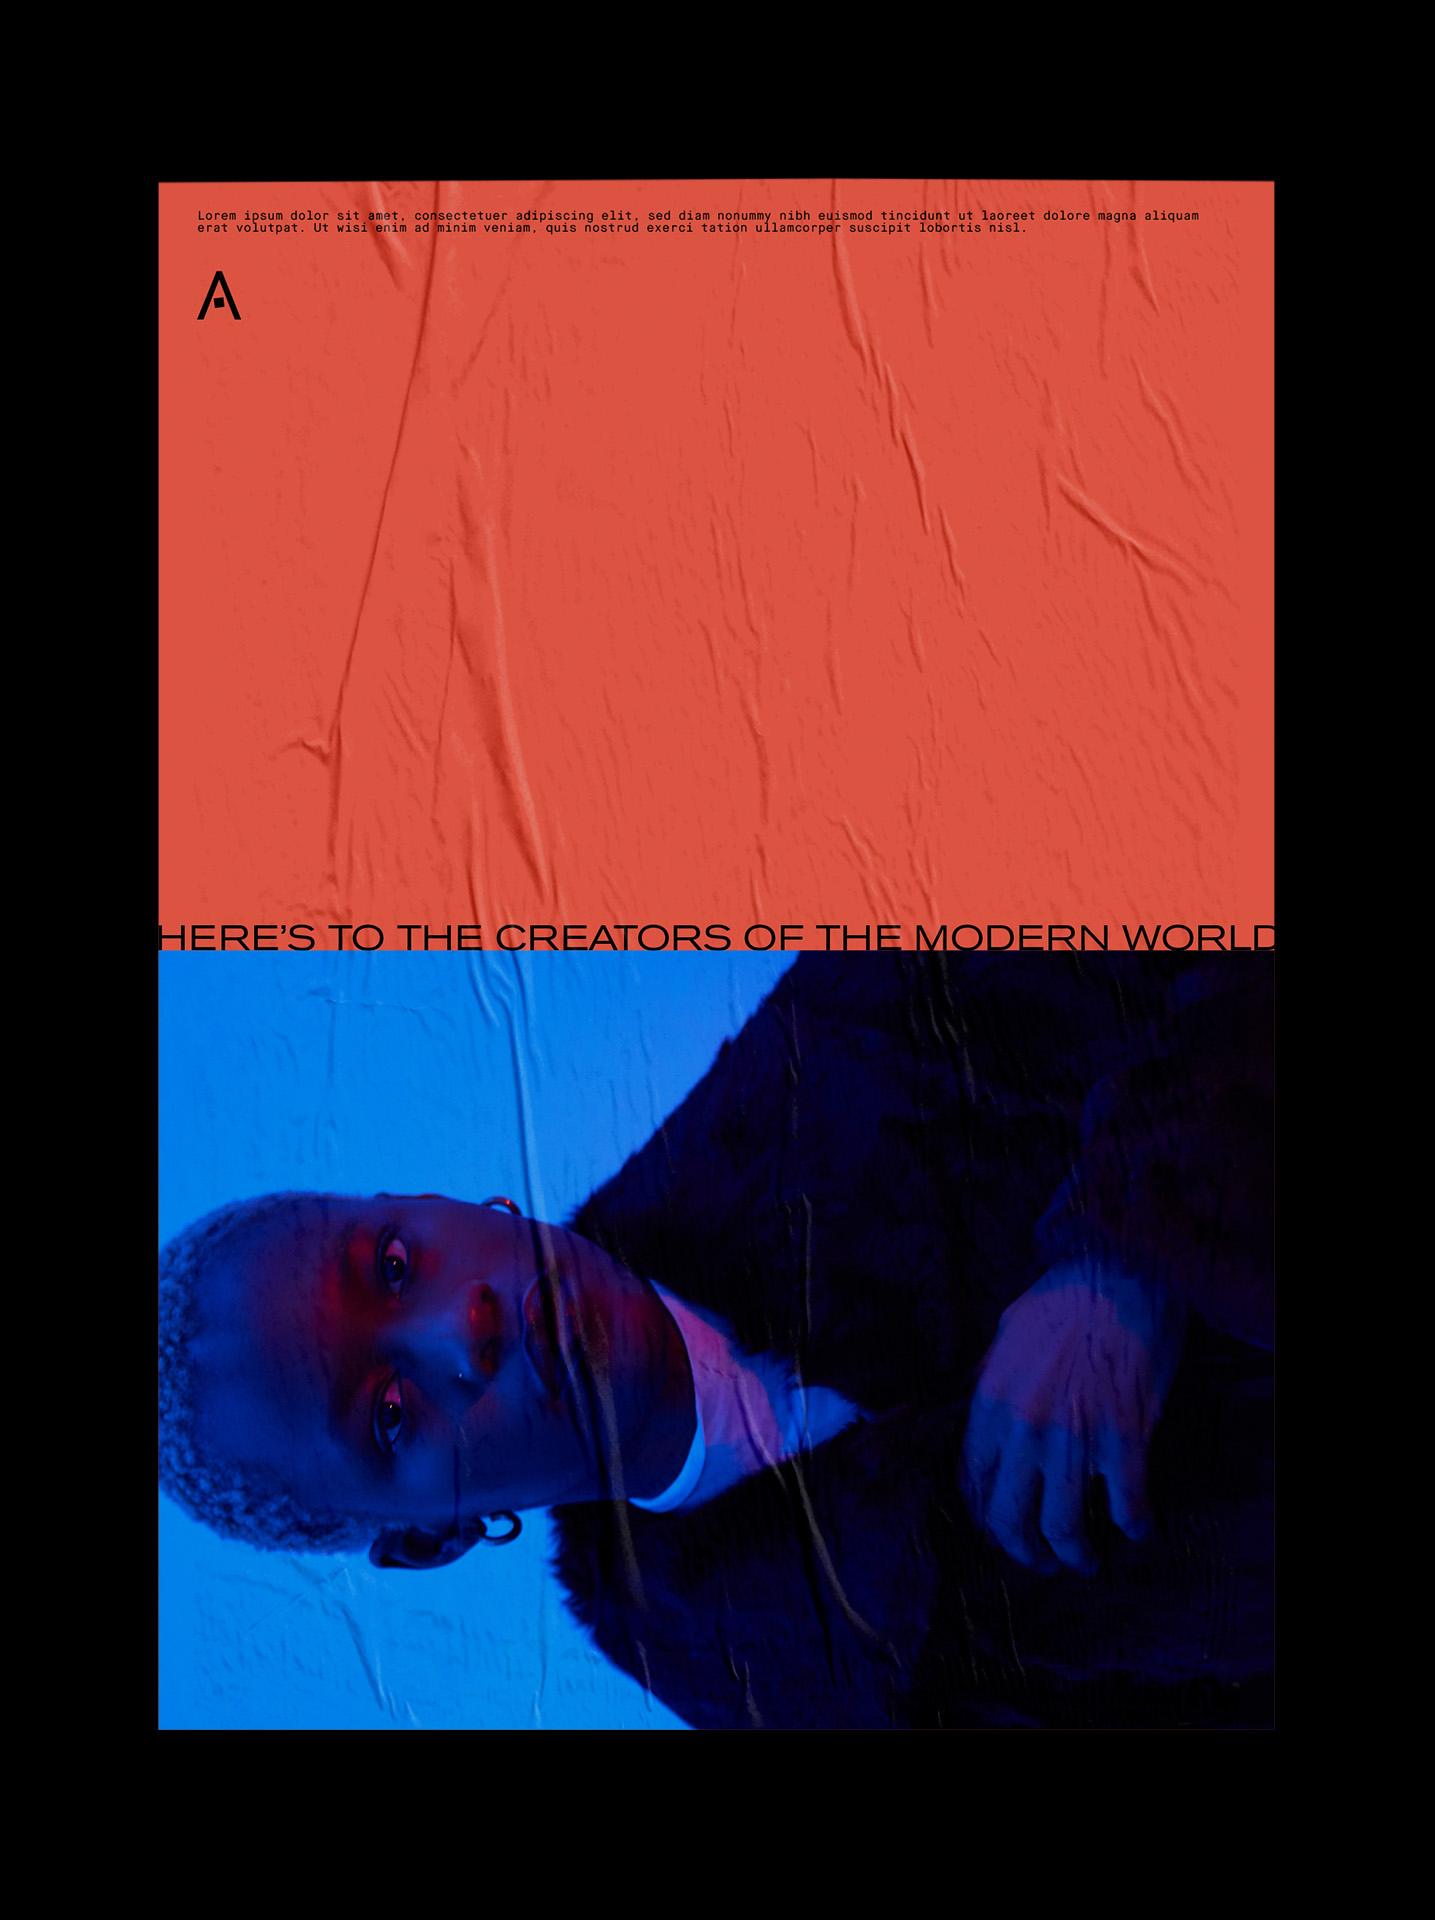 AQUENT_0003_Poster-2